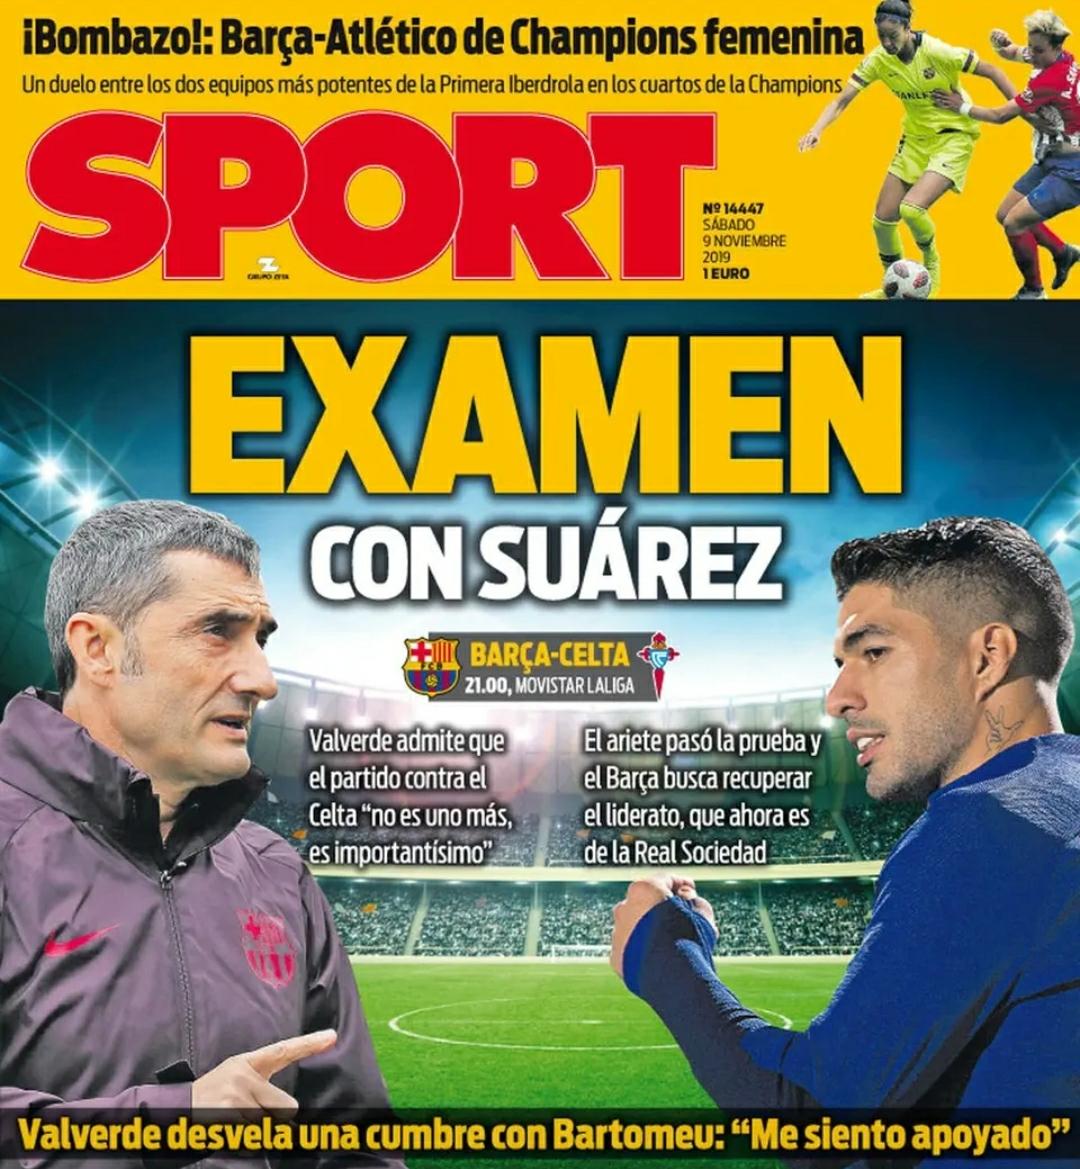 《每日体育报》:苏亚雷斯复出,巴尔韦德和巴萨再度接受检验